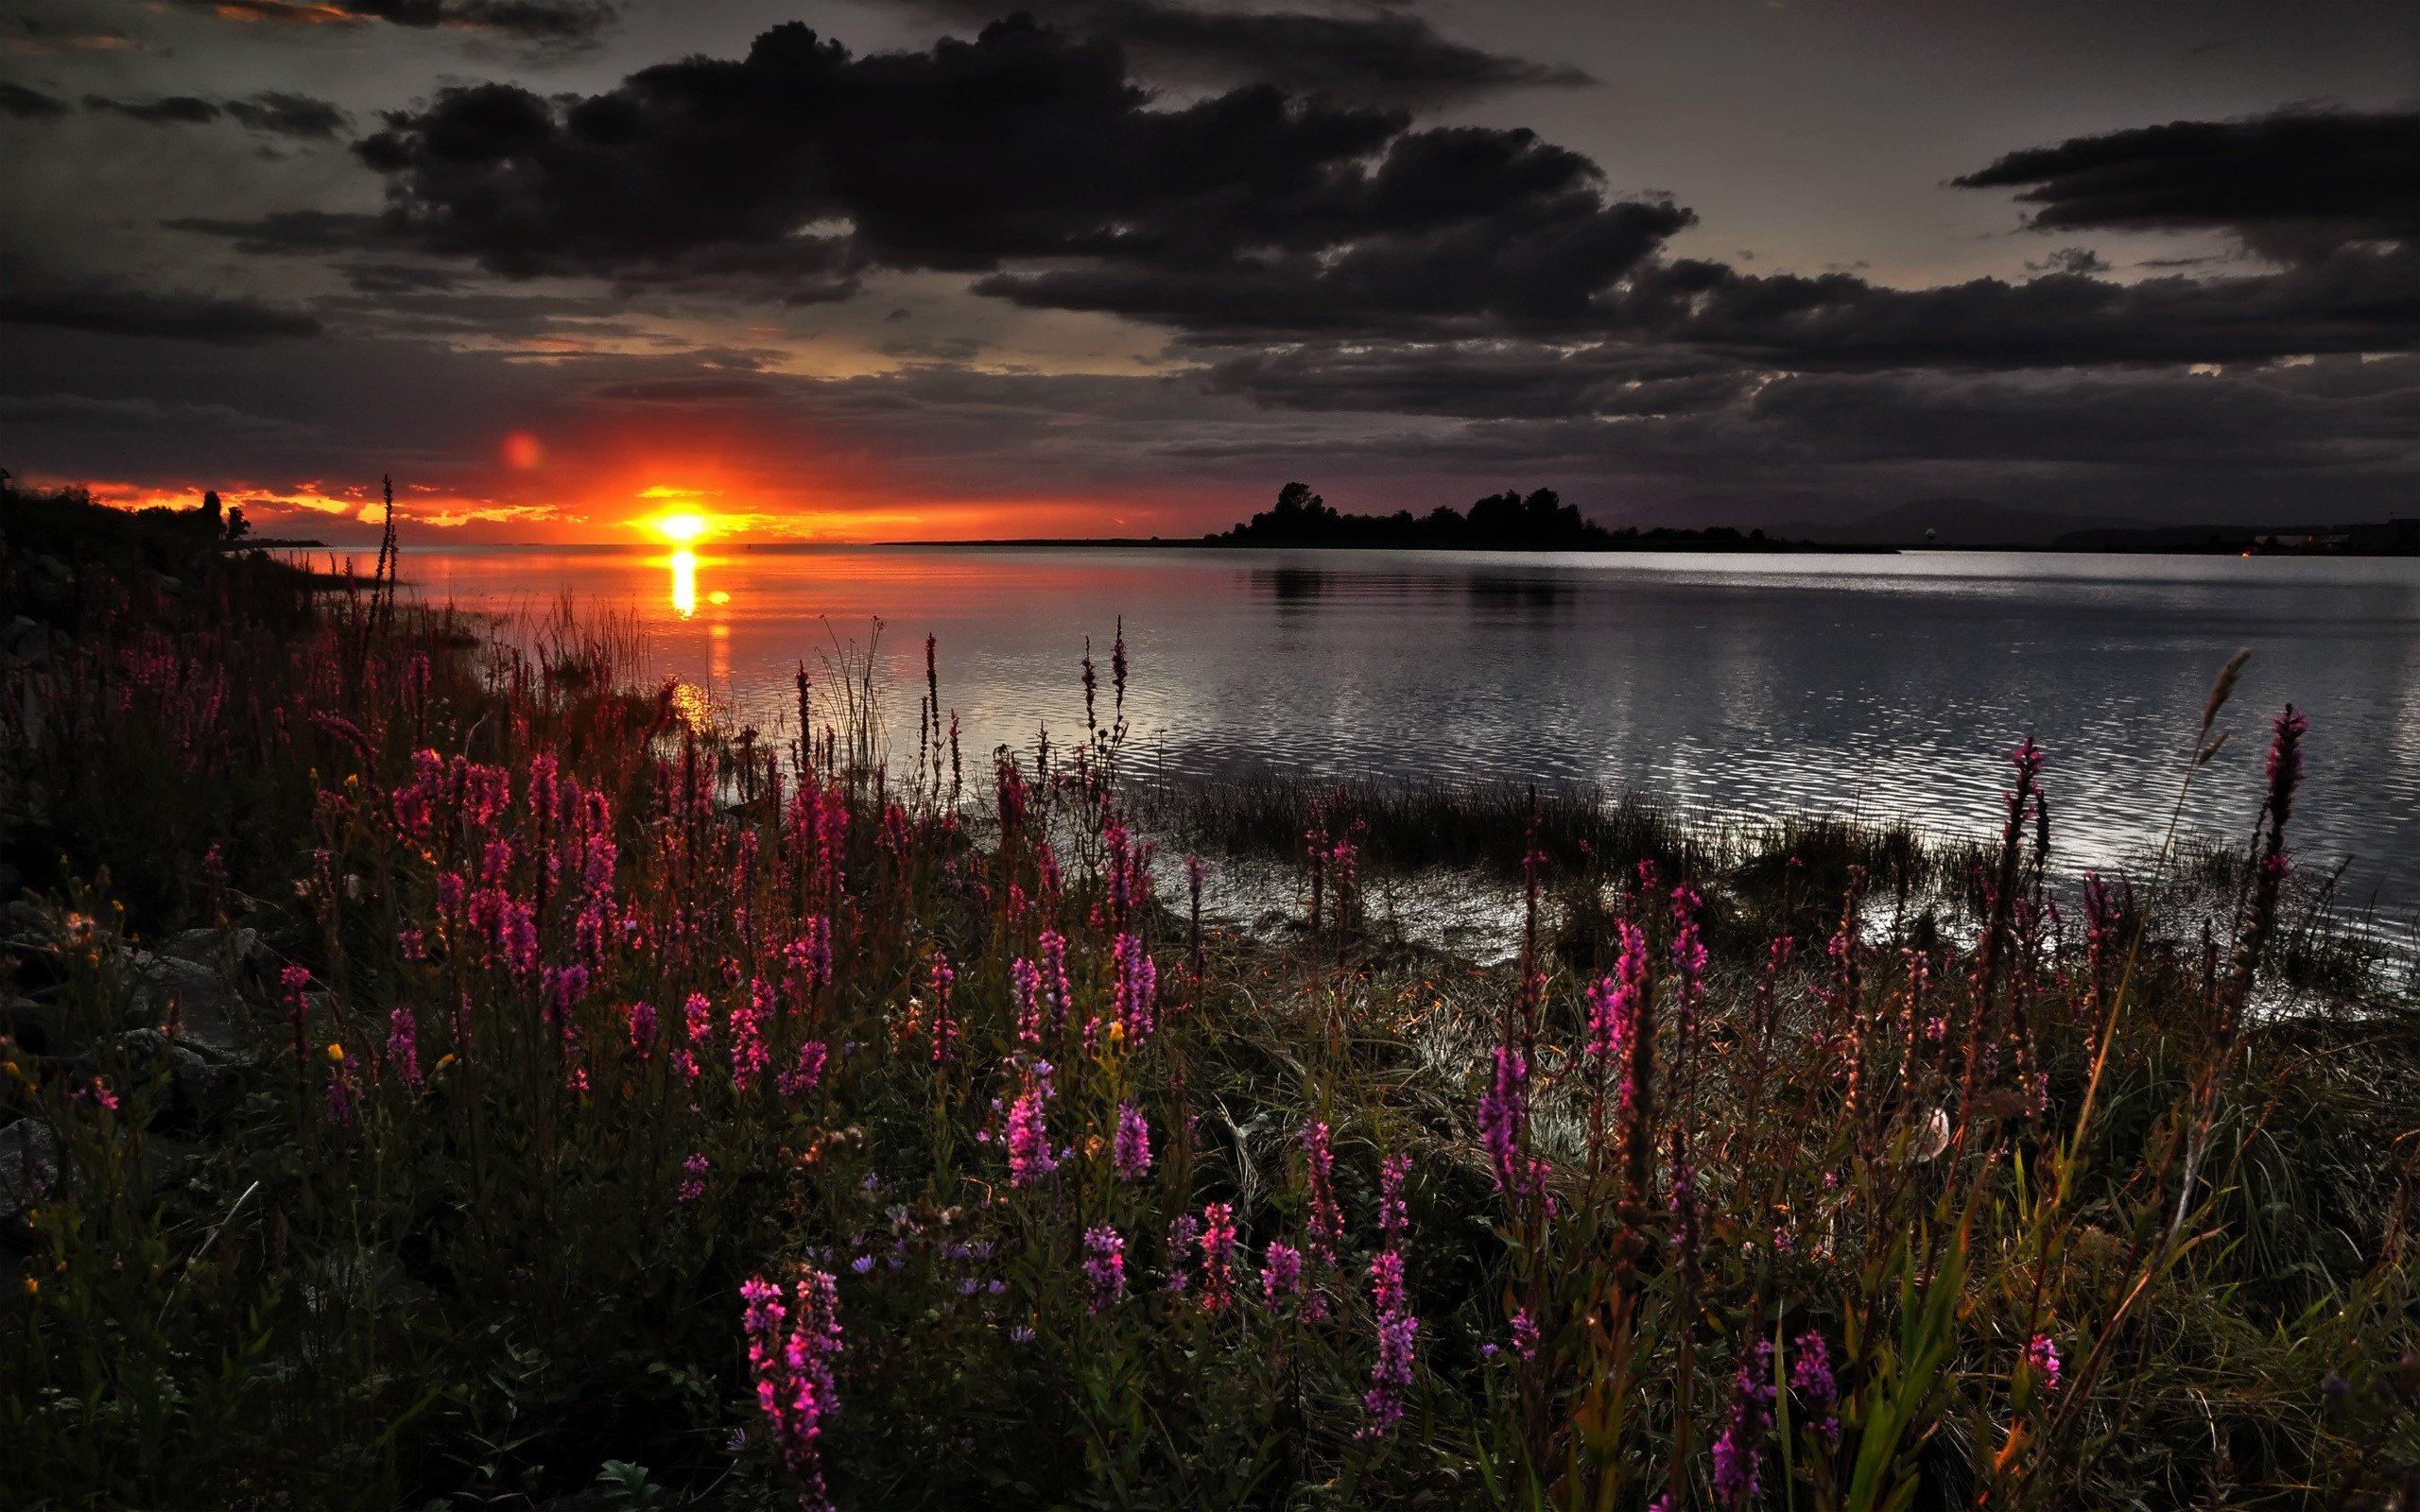 Темный закат над озером  № 3213545 загрузить